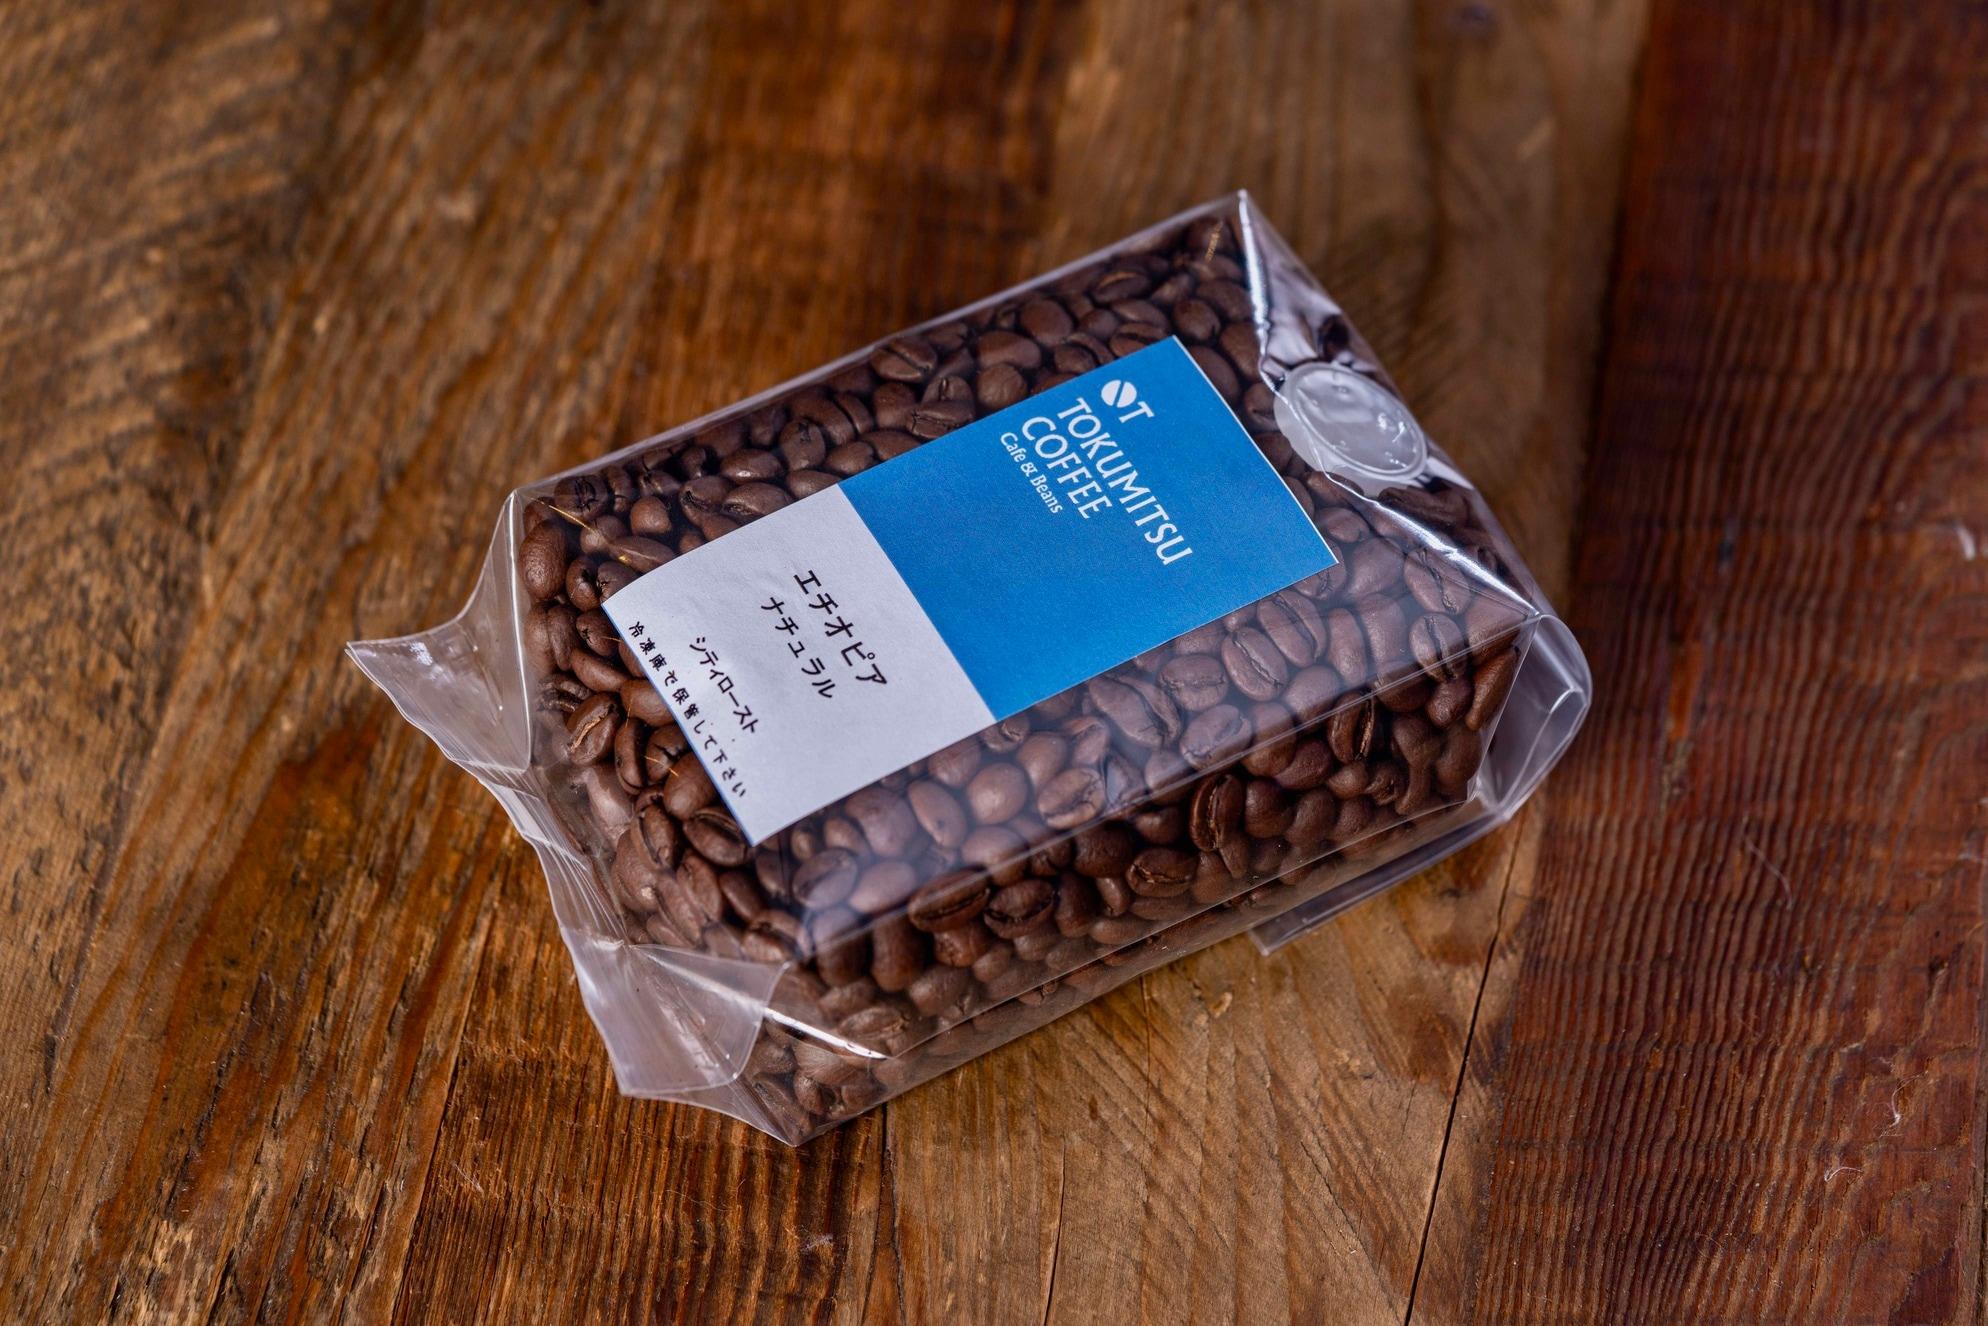 徳光珈琲の通販・お取り寄せシングルオリジンのコーヒー豆エチオピア・ナチュラル、シティローストのスペシャルティコーヒー豆